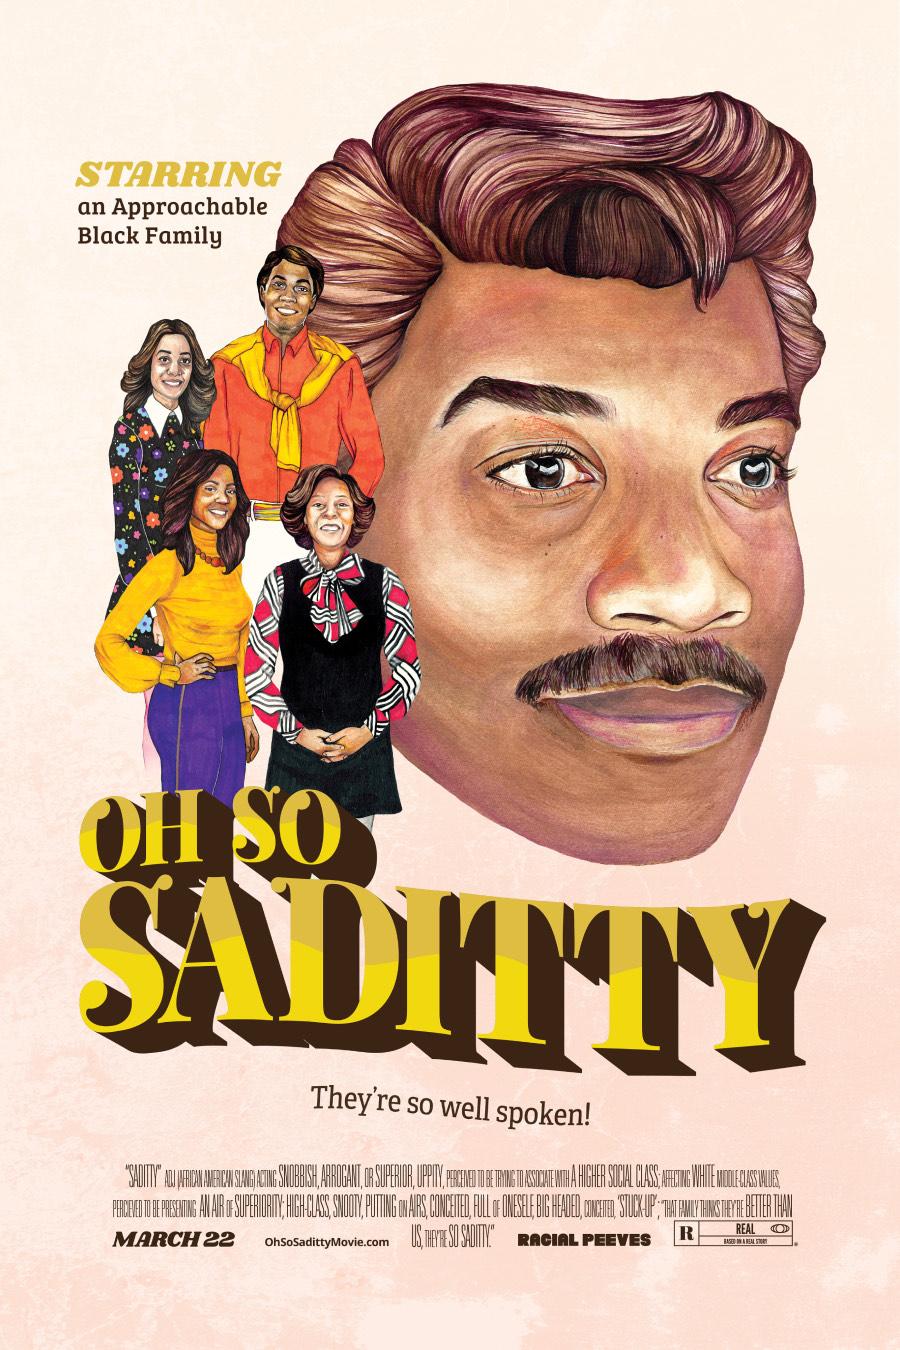 SeniorShow-OhSoSaditty-squashed